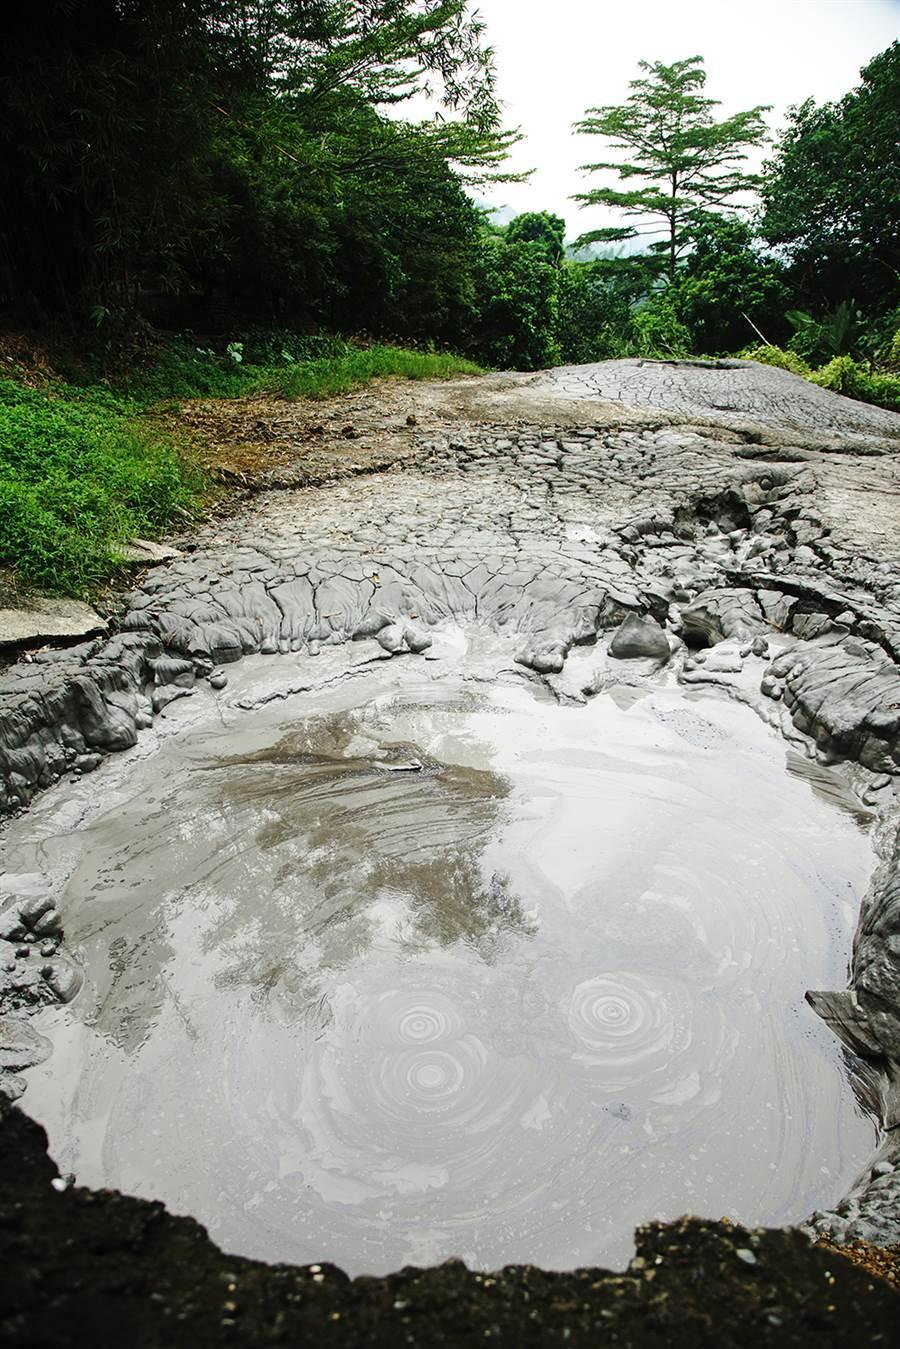 養女湖由泥火山噴出造成,湖略呈圓形,直徑約6公尺。(攝影/曾信耀)